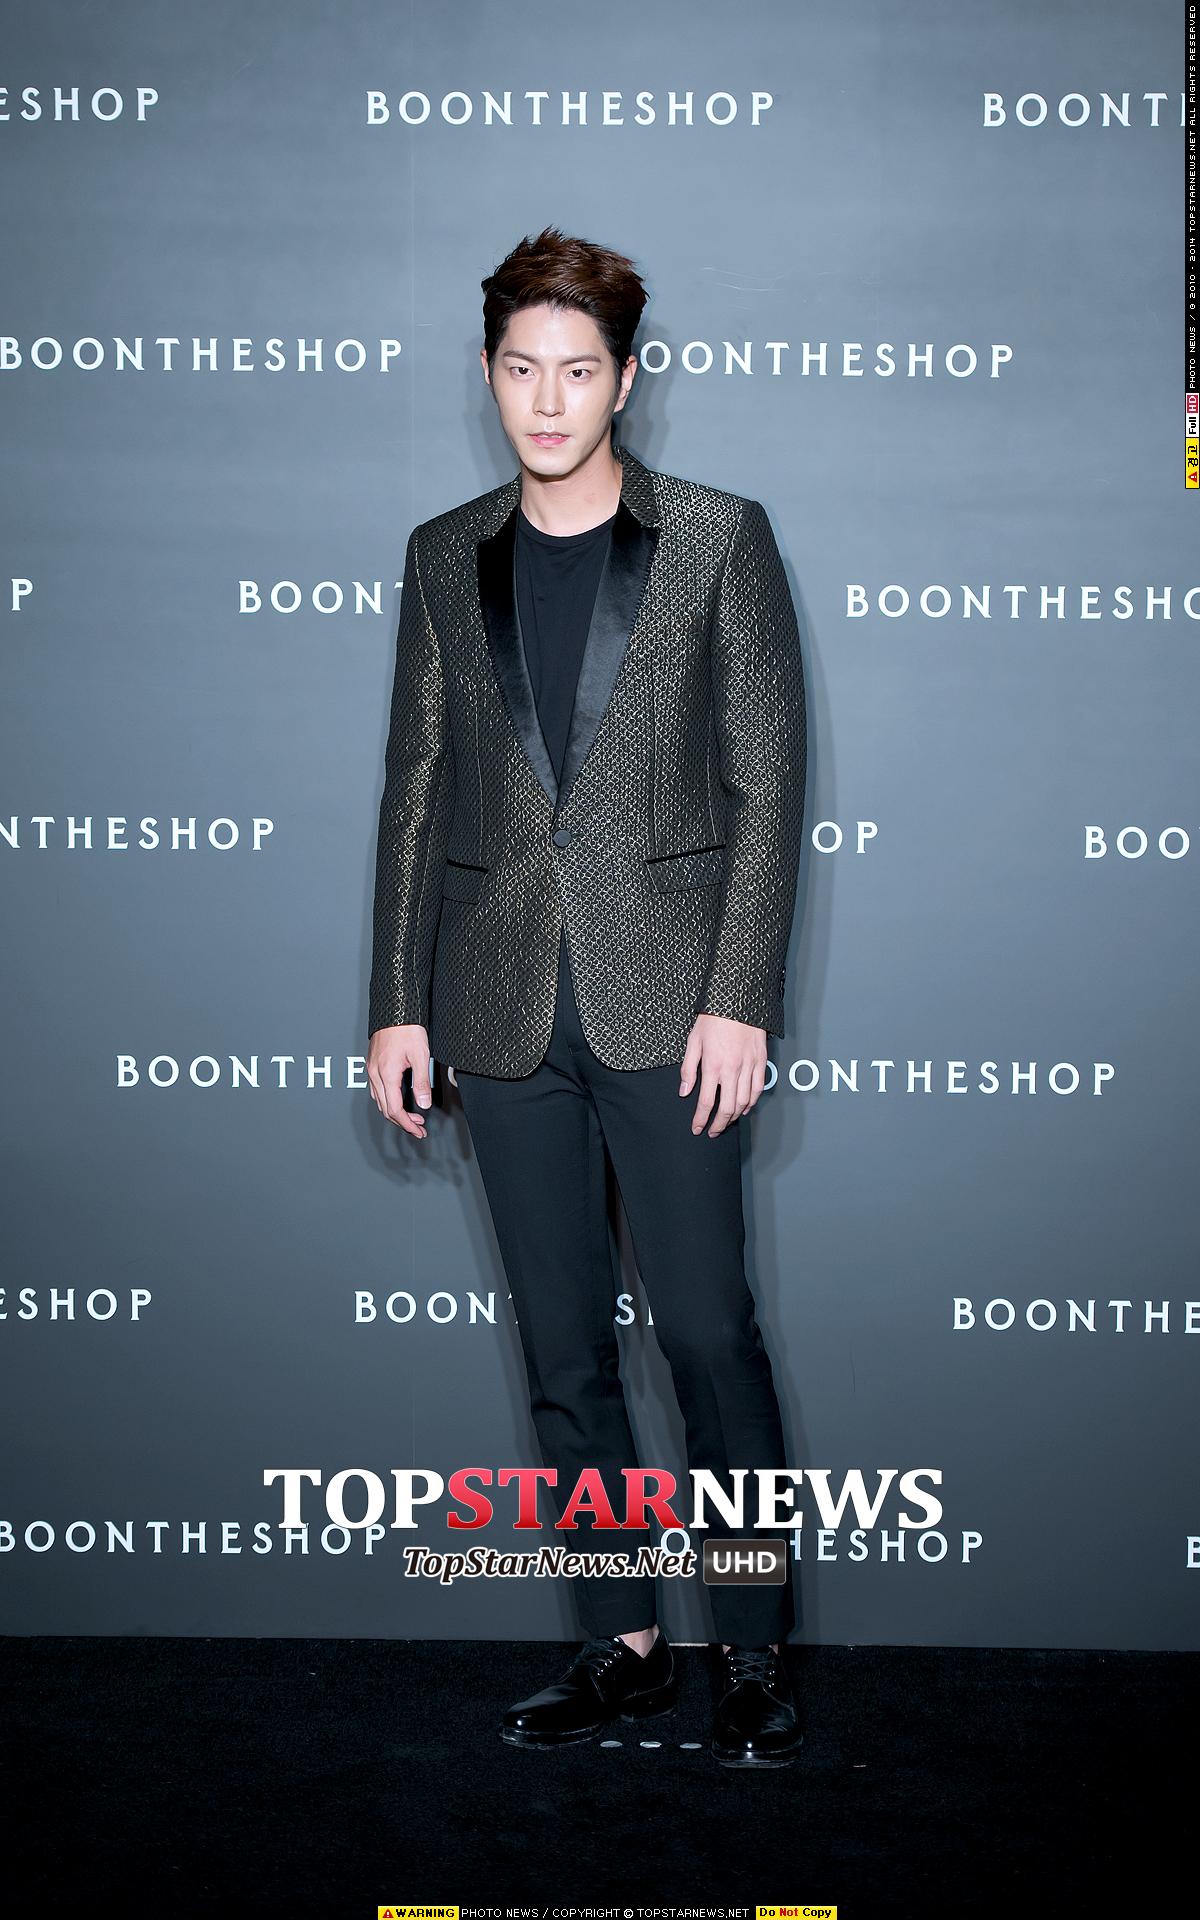 他也是身高182公分的長腿歐巴,自從演了2NE1 MV之後知名度飆高,你說2NE1不是你的福星誰是啊?